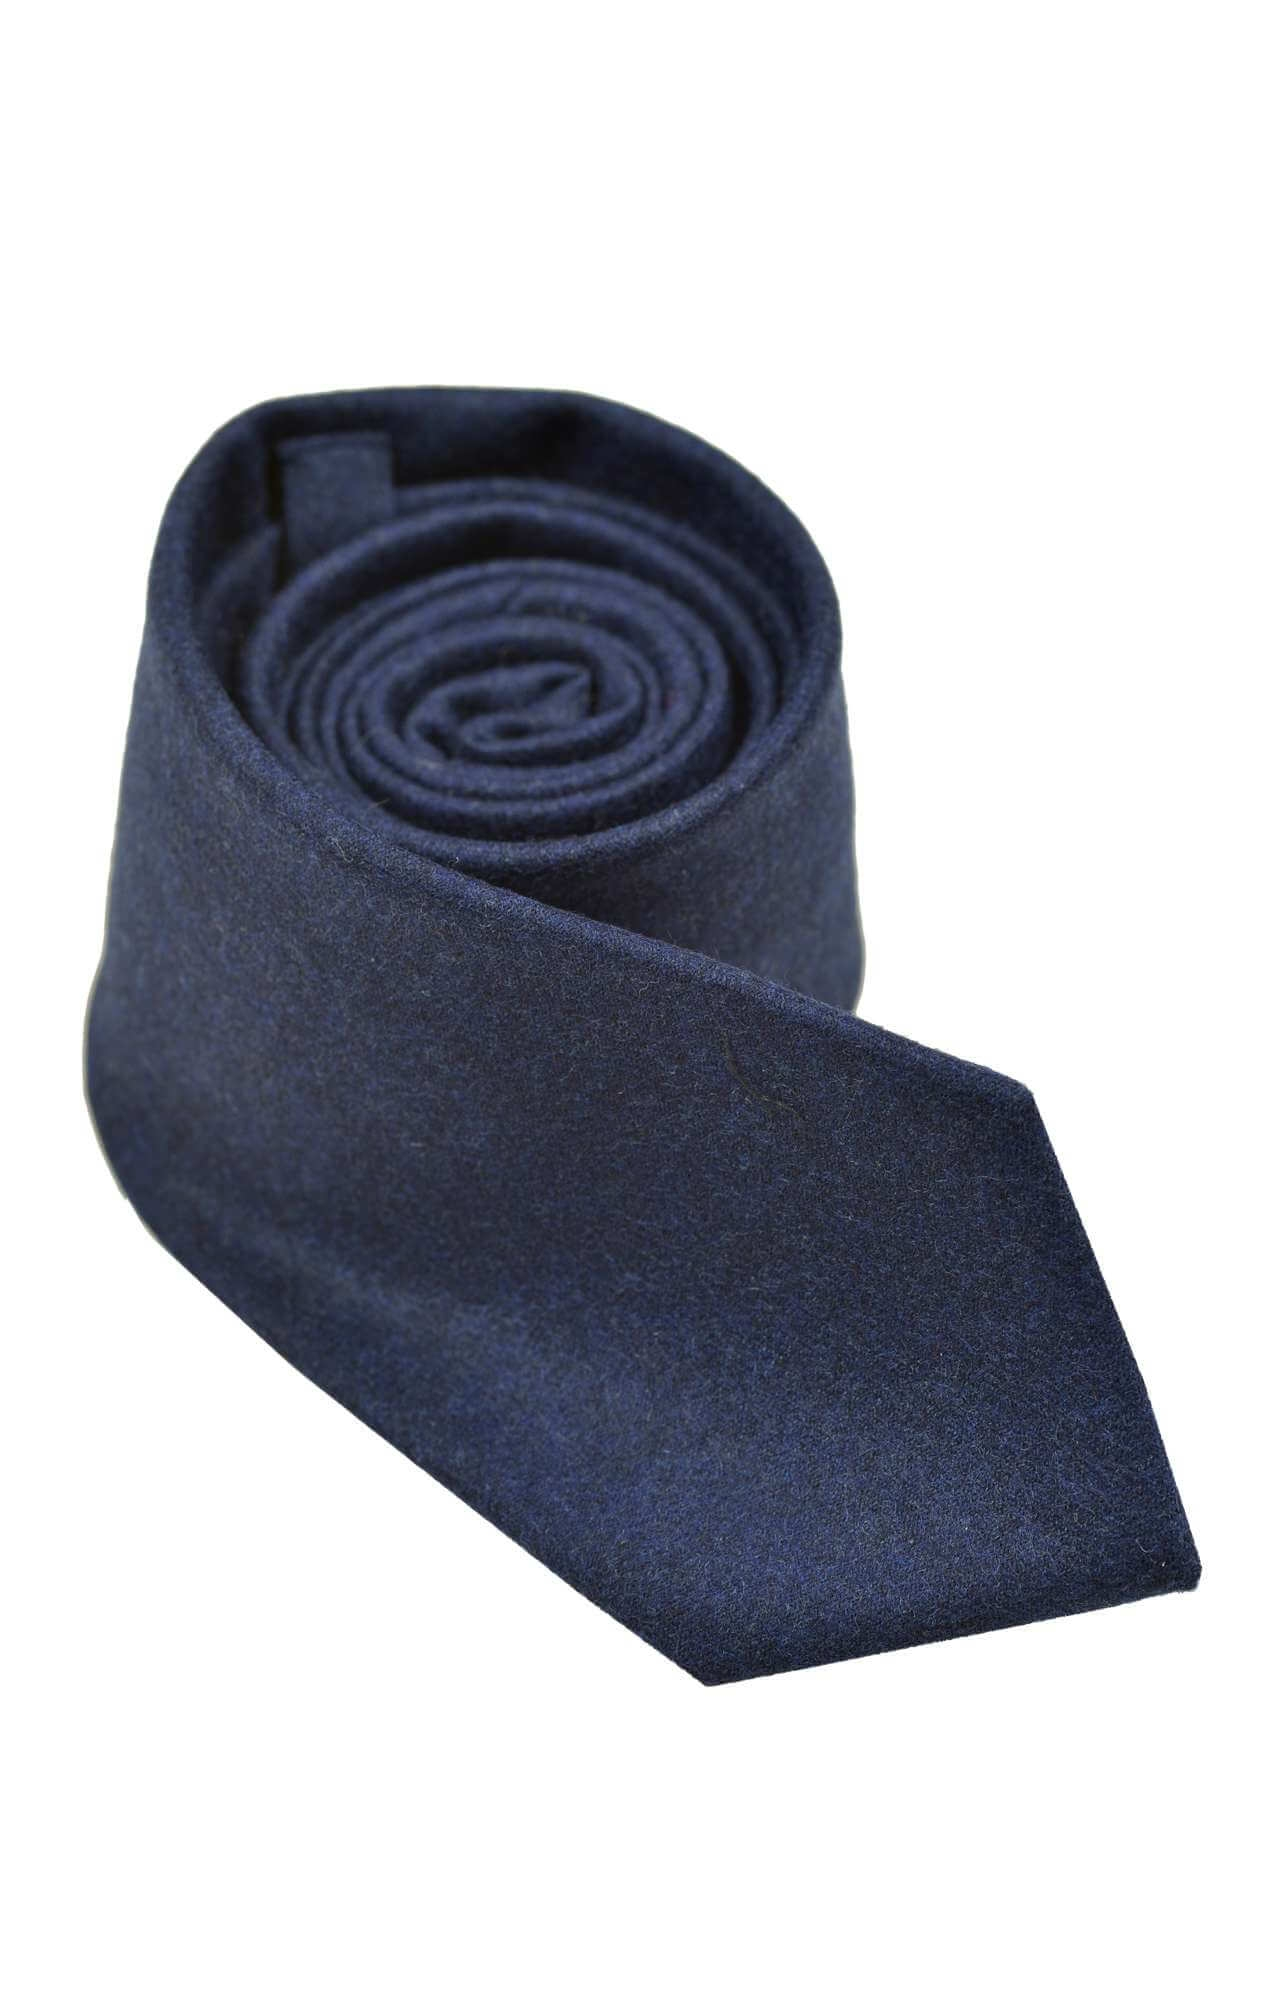 Cravate Barry cachemire gris